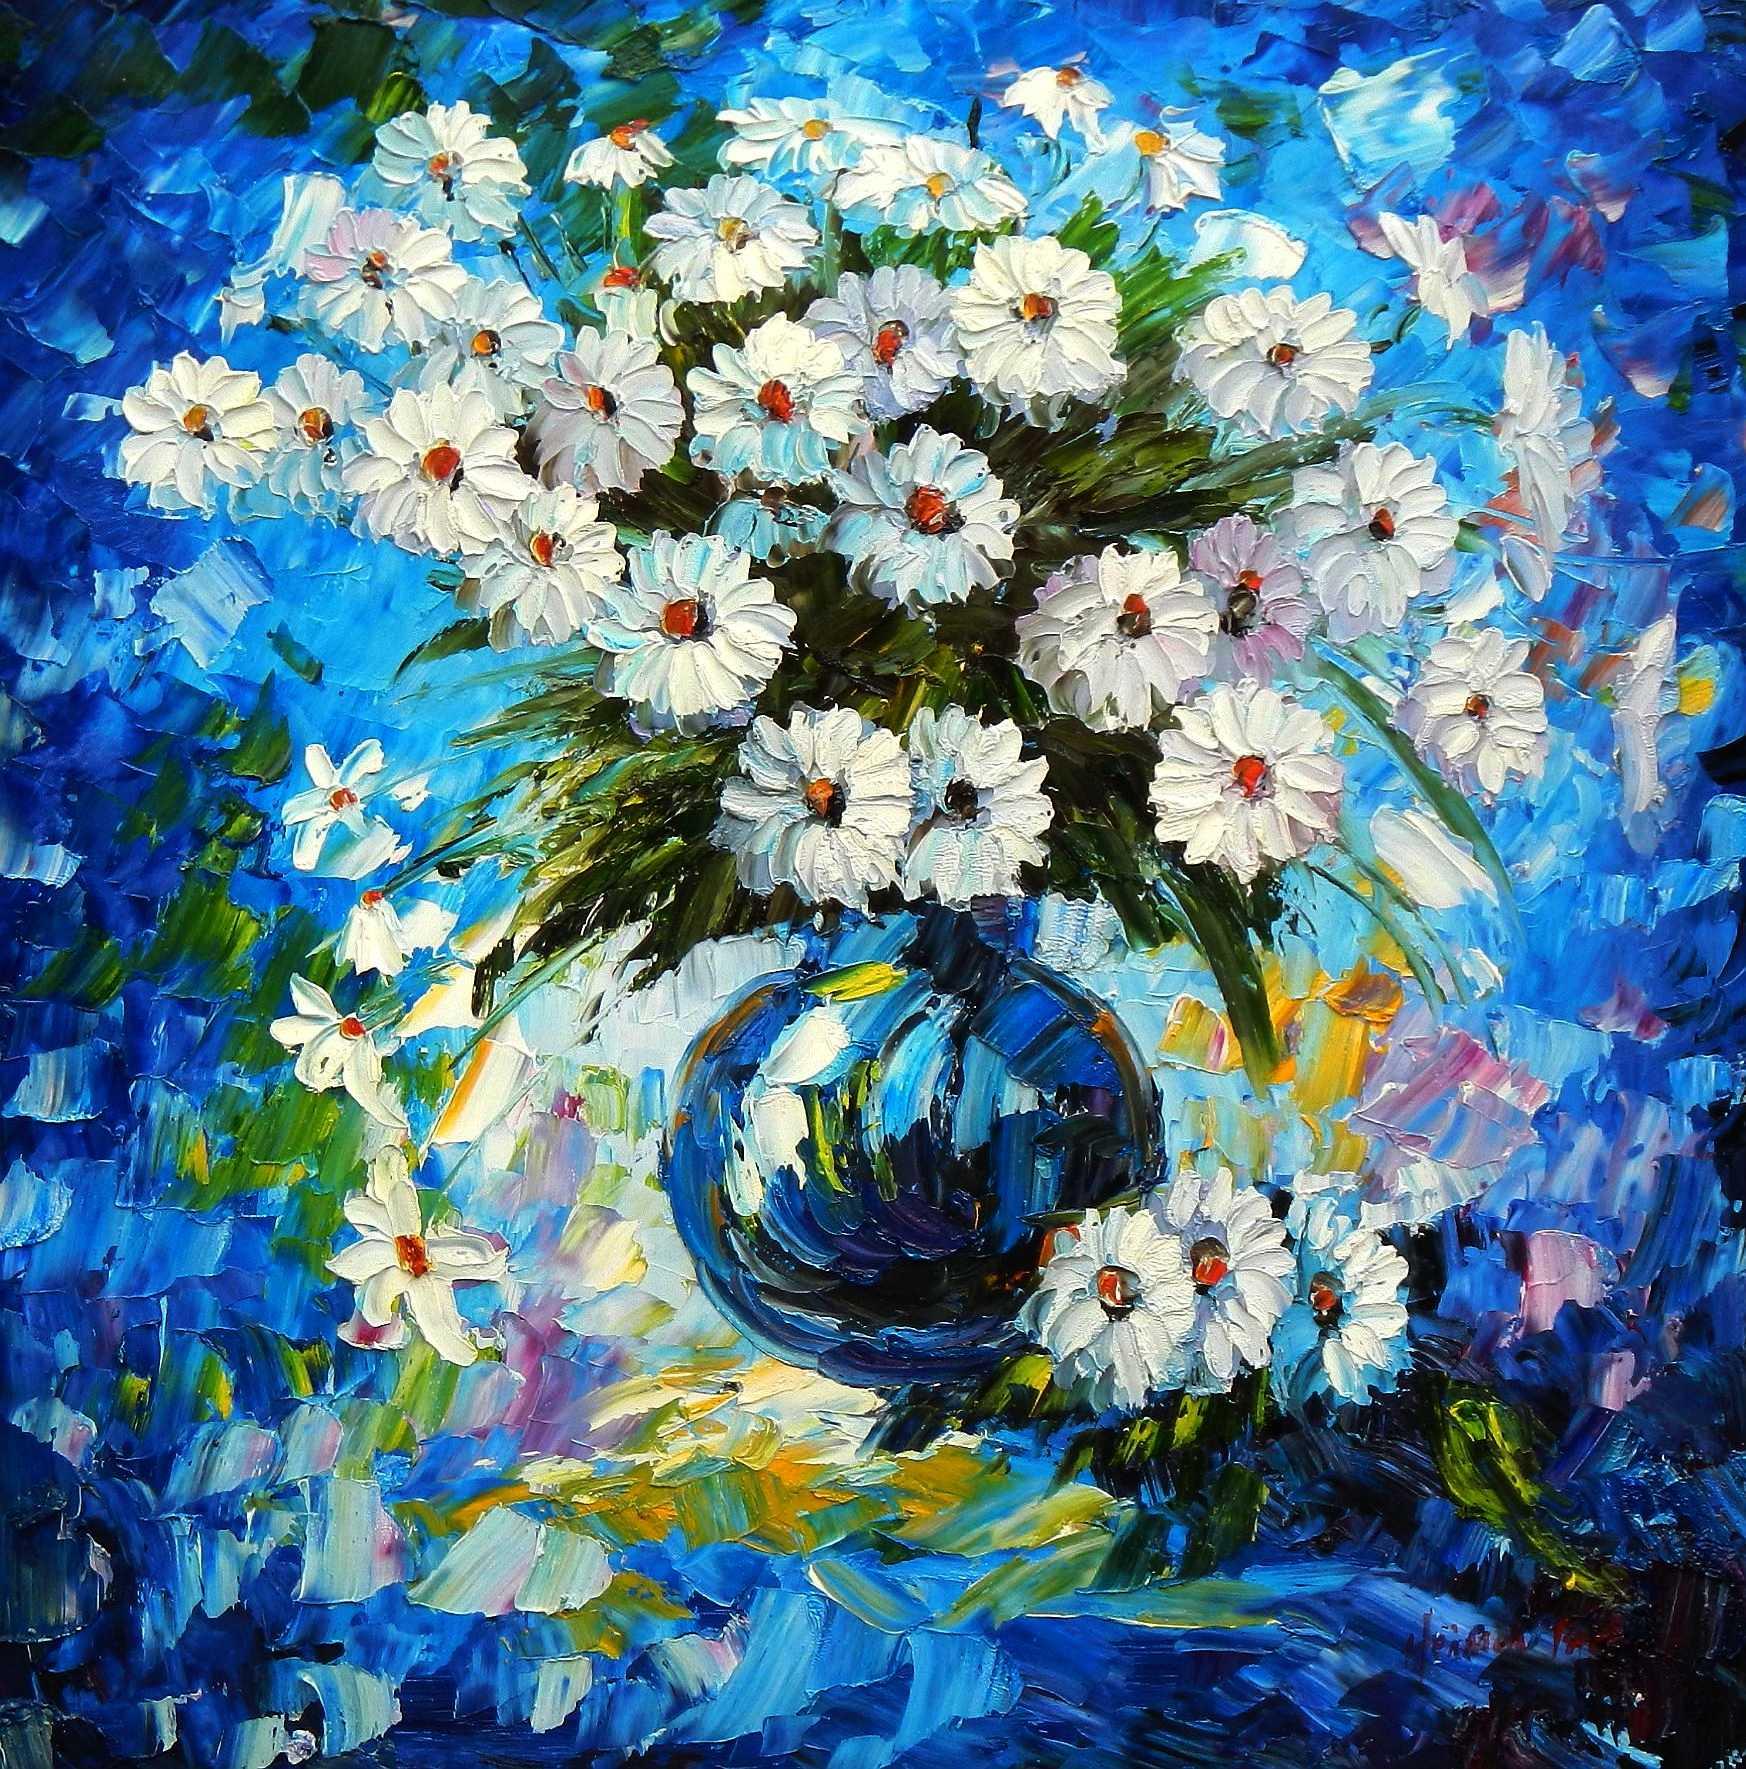 Modern Abstrakt - Vase mit bunten Blumen g95878 80x80cm abstraktes Ölbild handgemalt